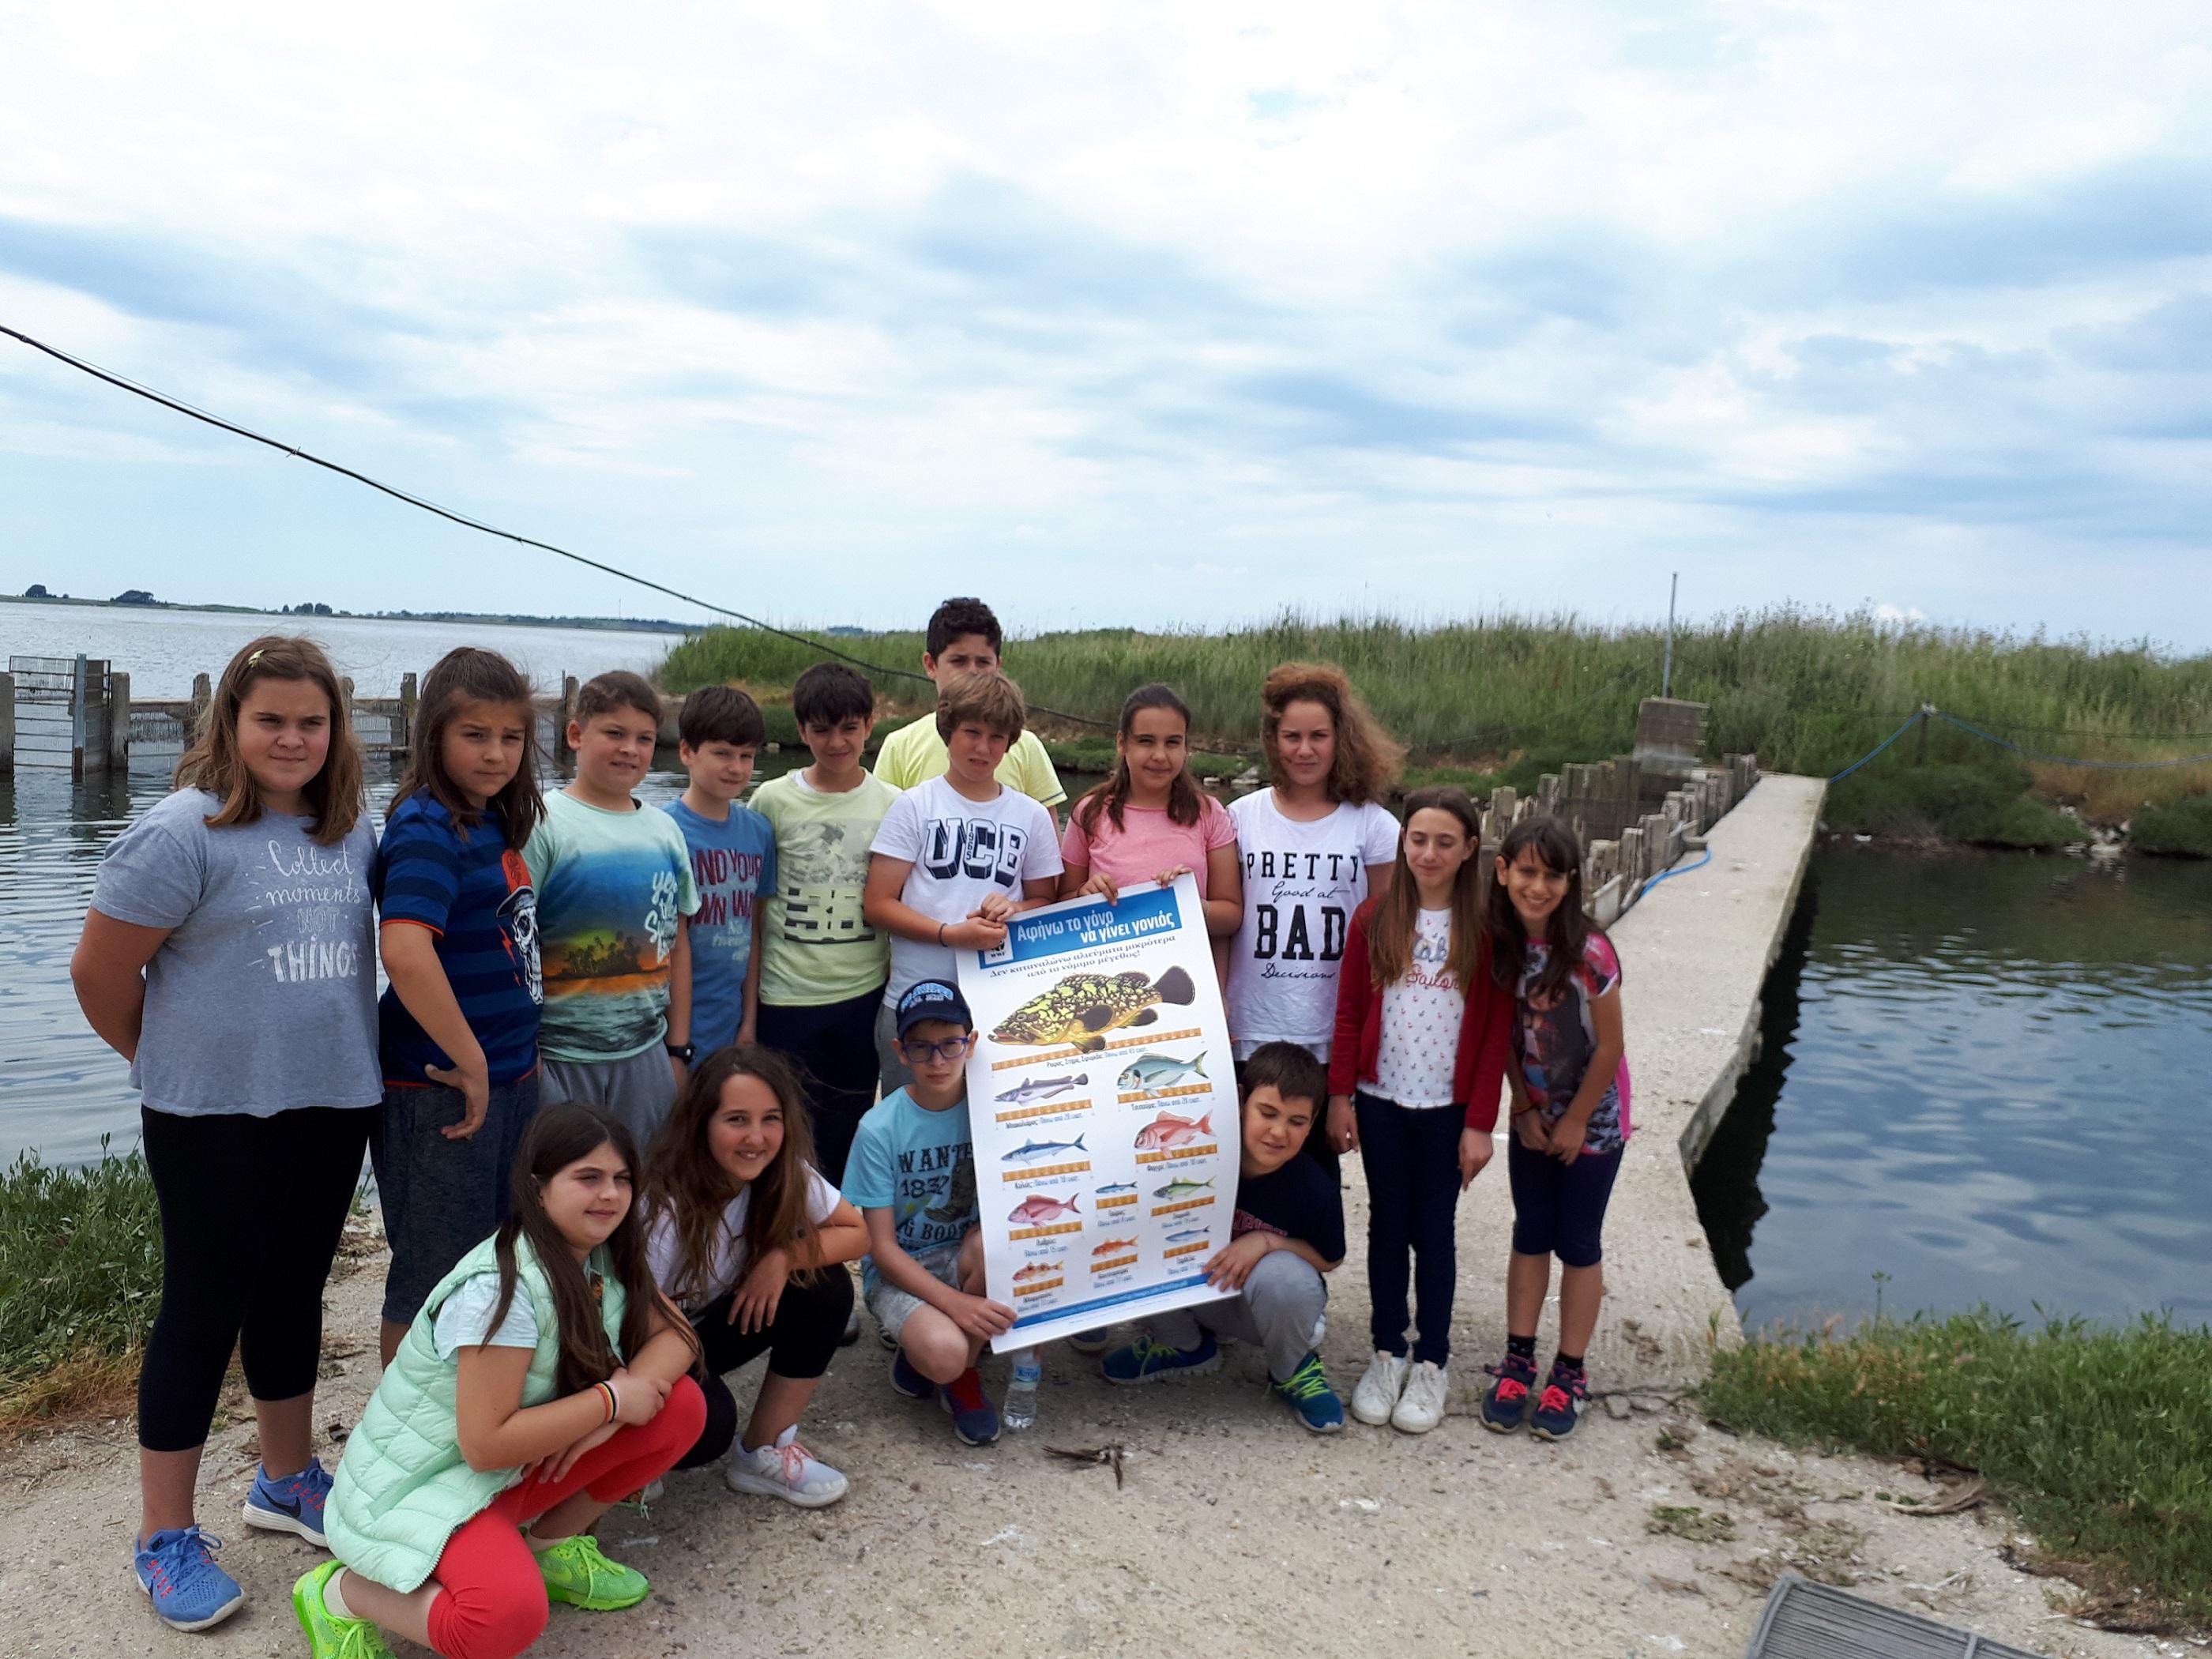 Παγκόσμια ημέρα μετανάστευσης ψαριών